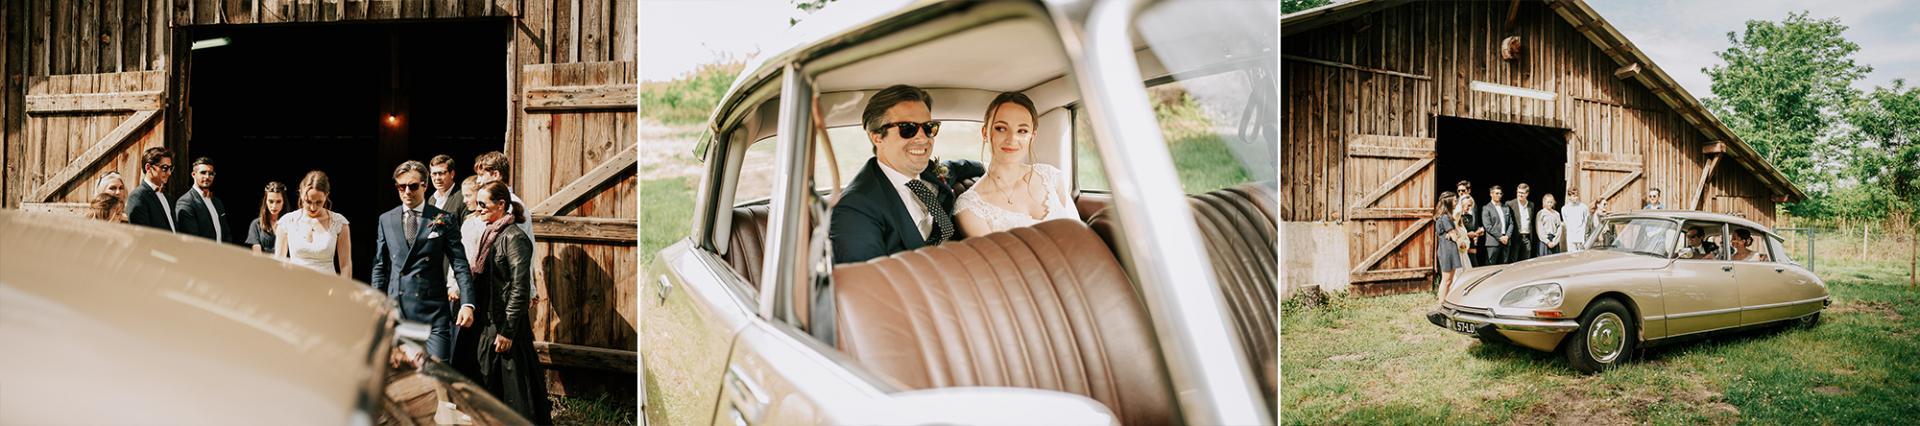 19 photographe de mariage landes dax aquitaine allison micallef la voiture